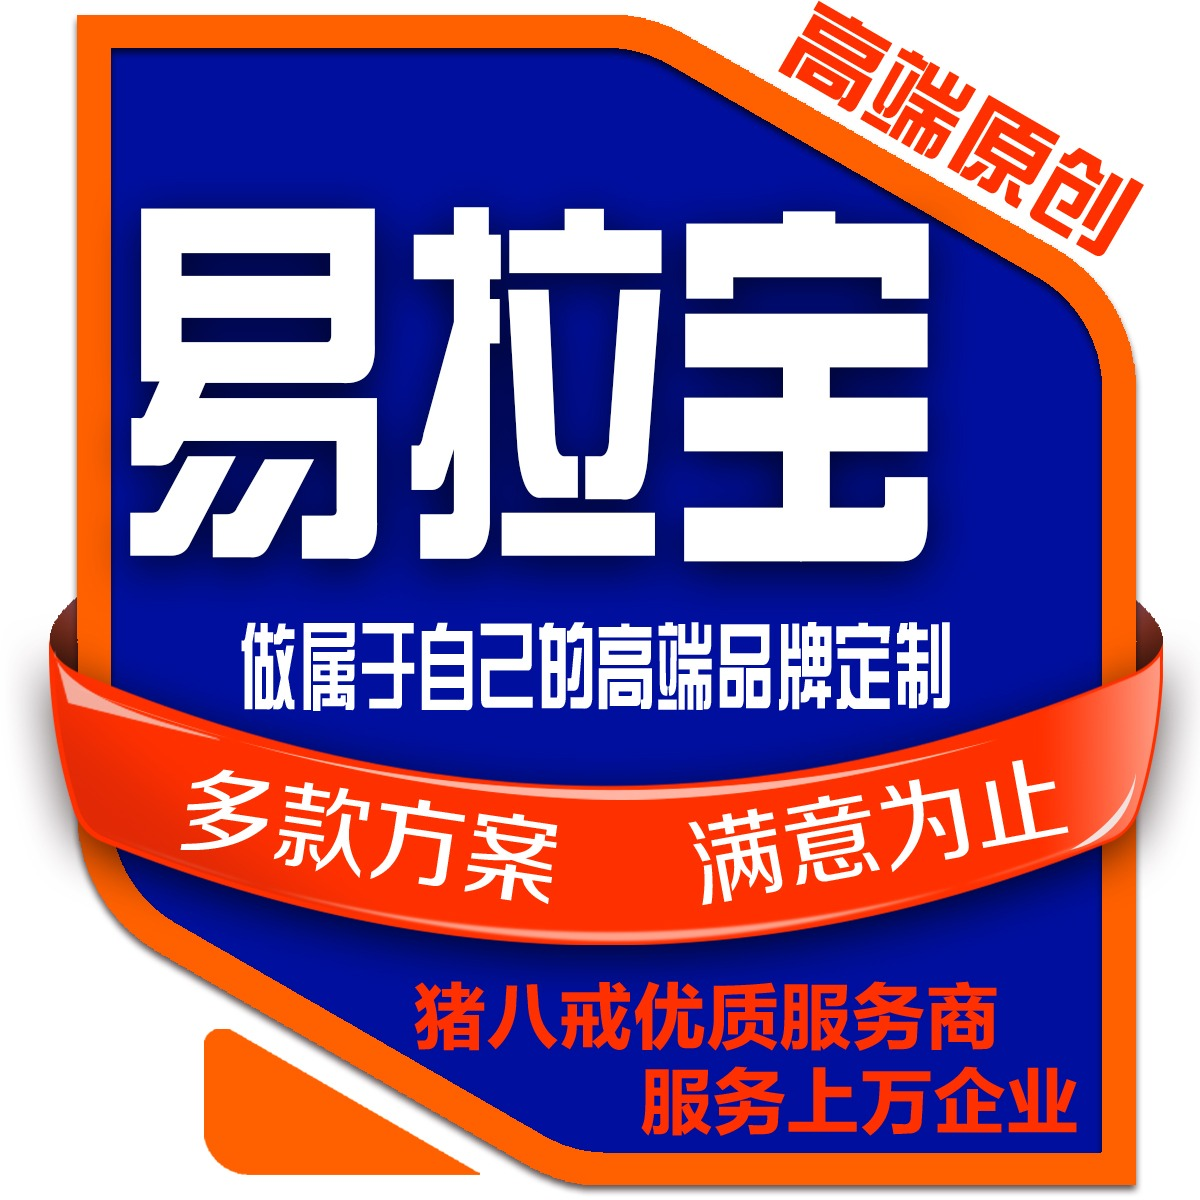 餐厅火锅店咖啡饮品打折宣传活动易拉宝展架广告设计产品介绍展板